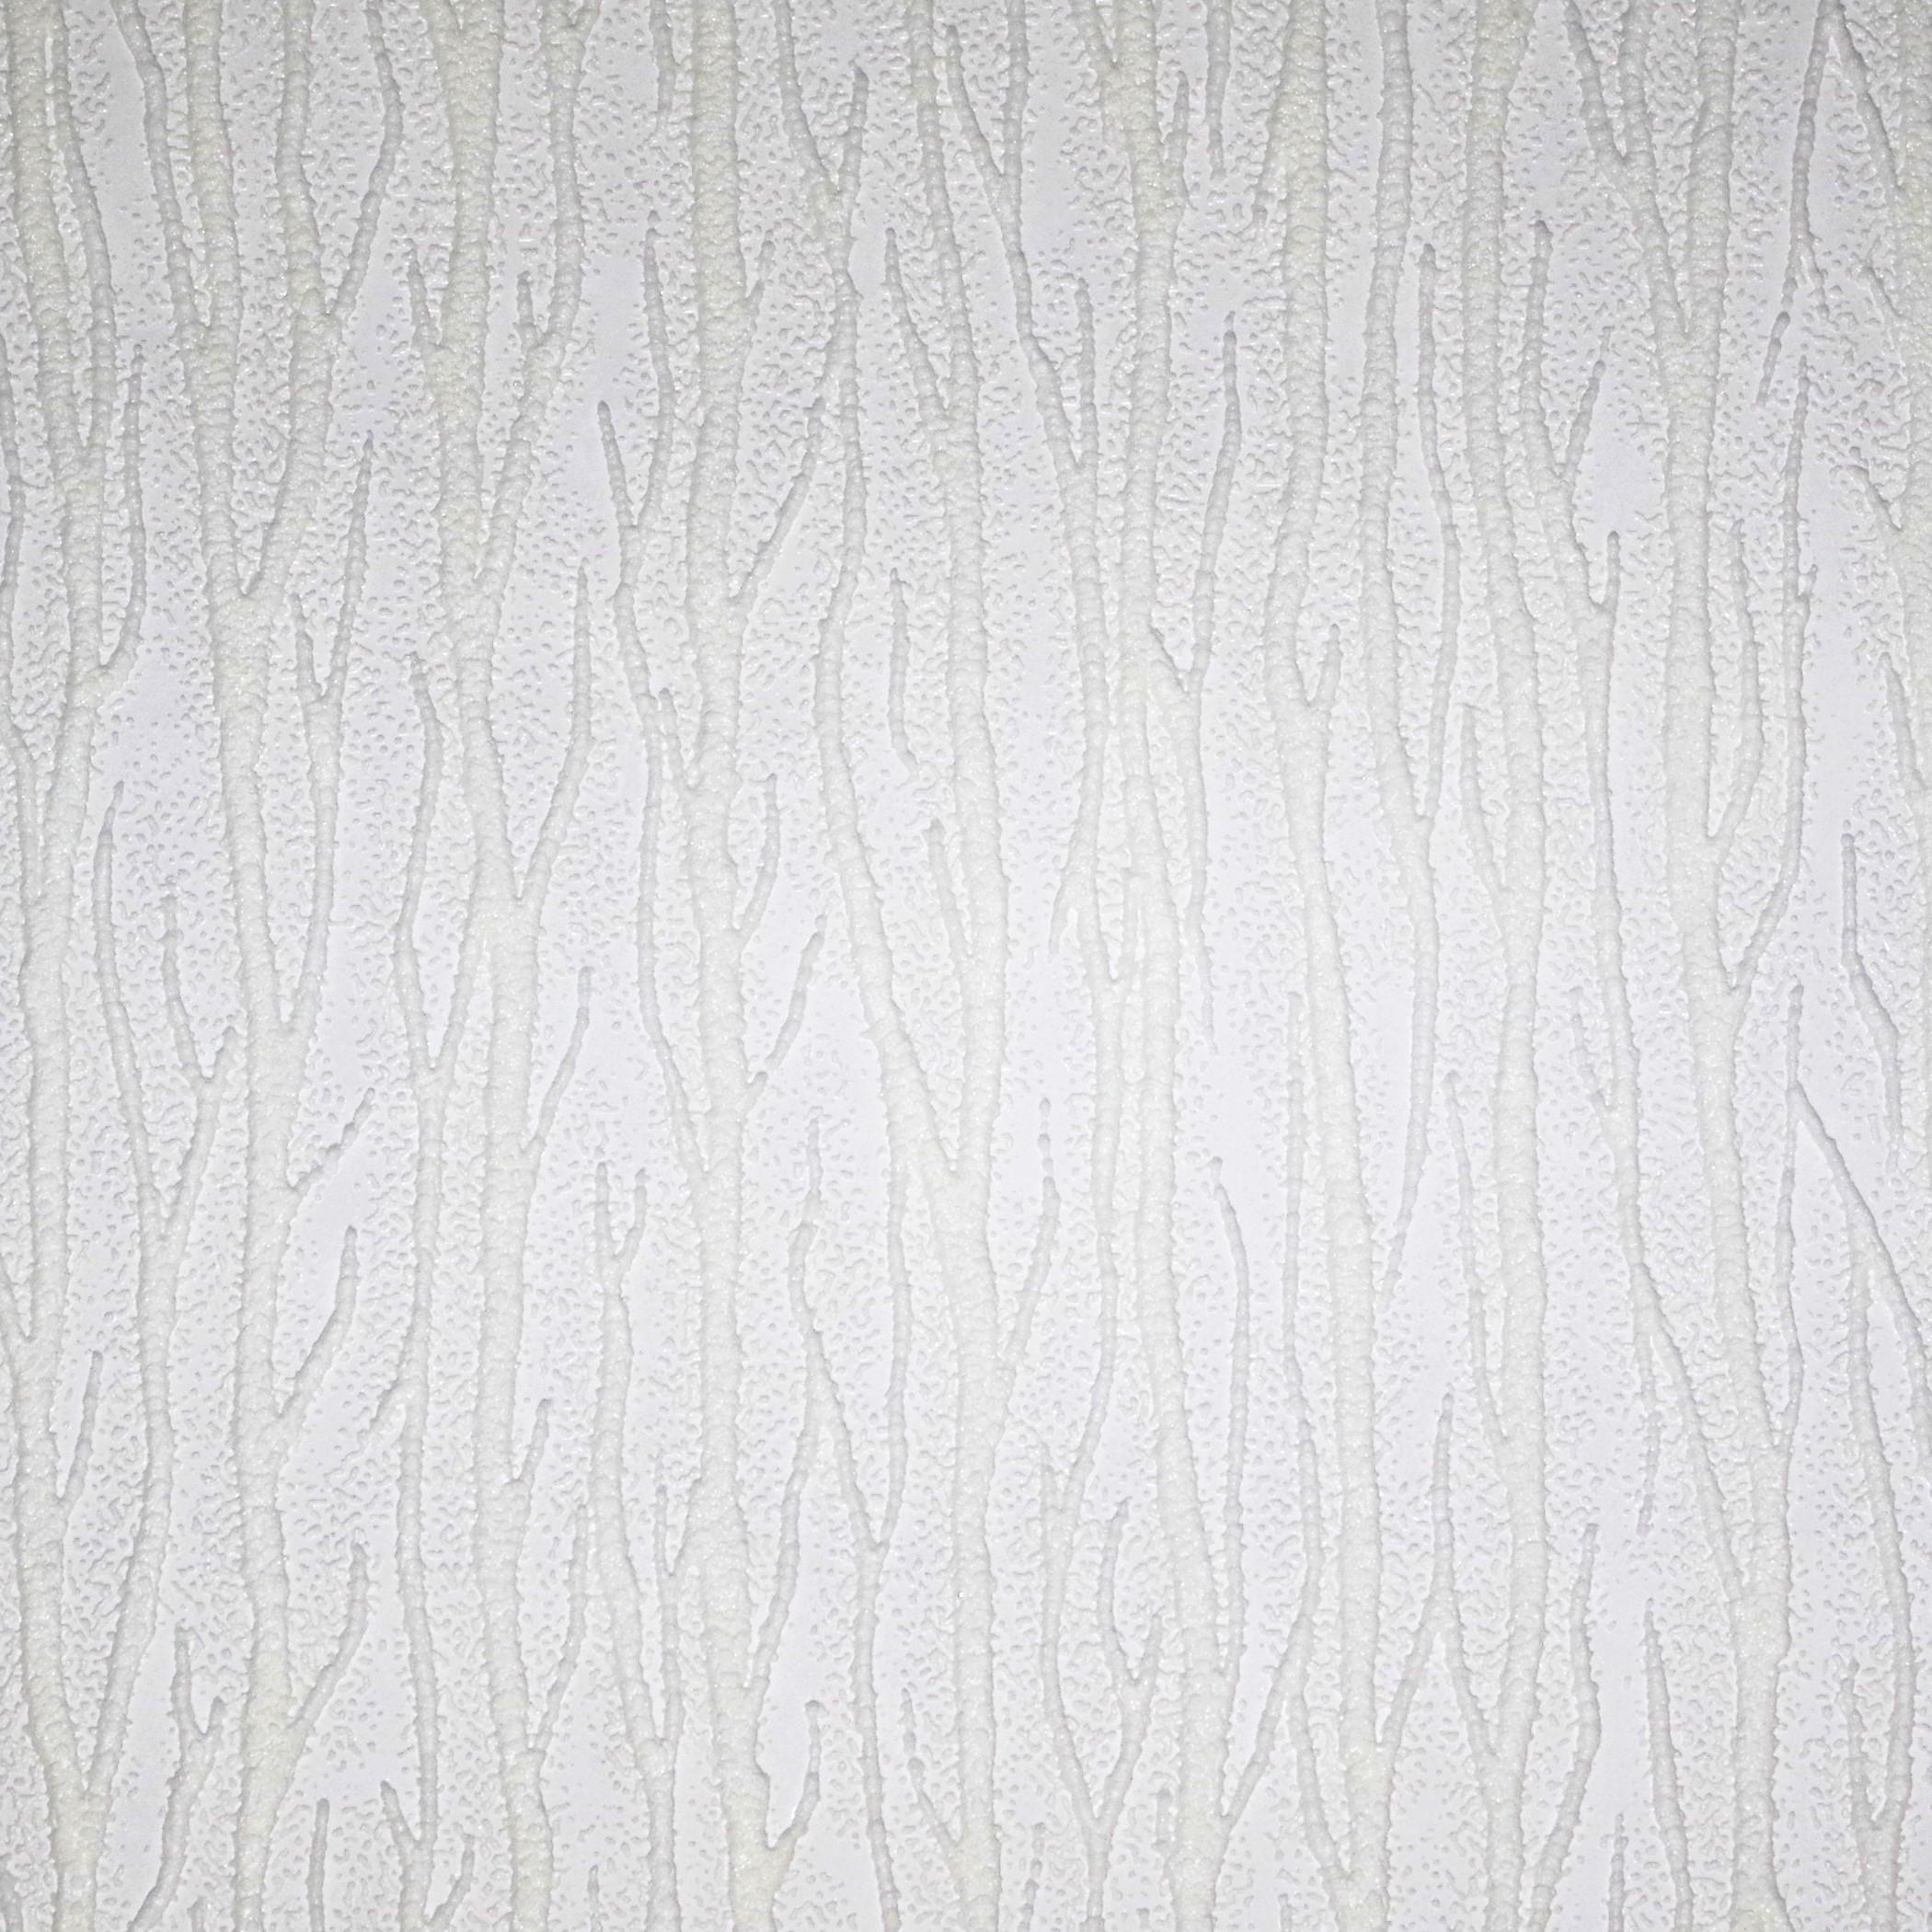 Fine Decor Paintable Blown Vinyl Wallpaper Fd13486